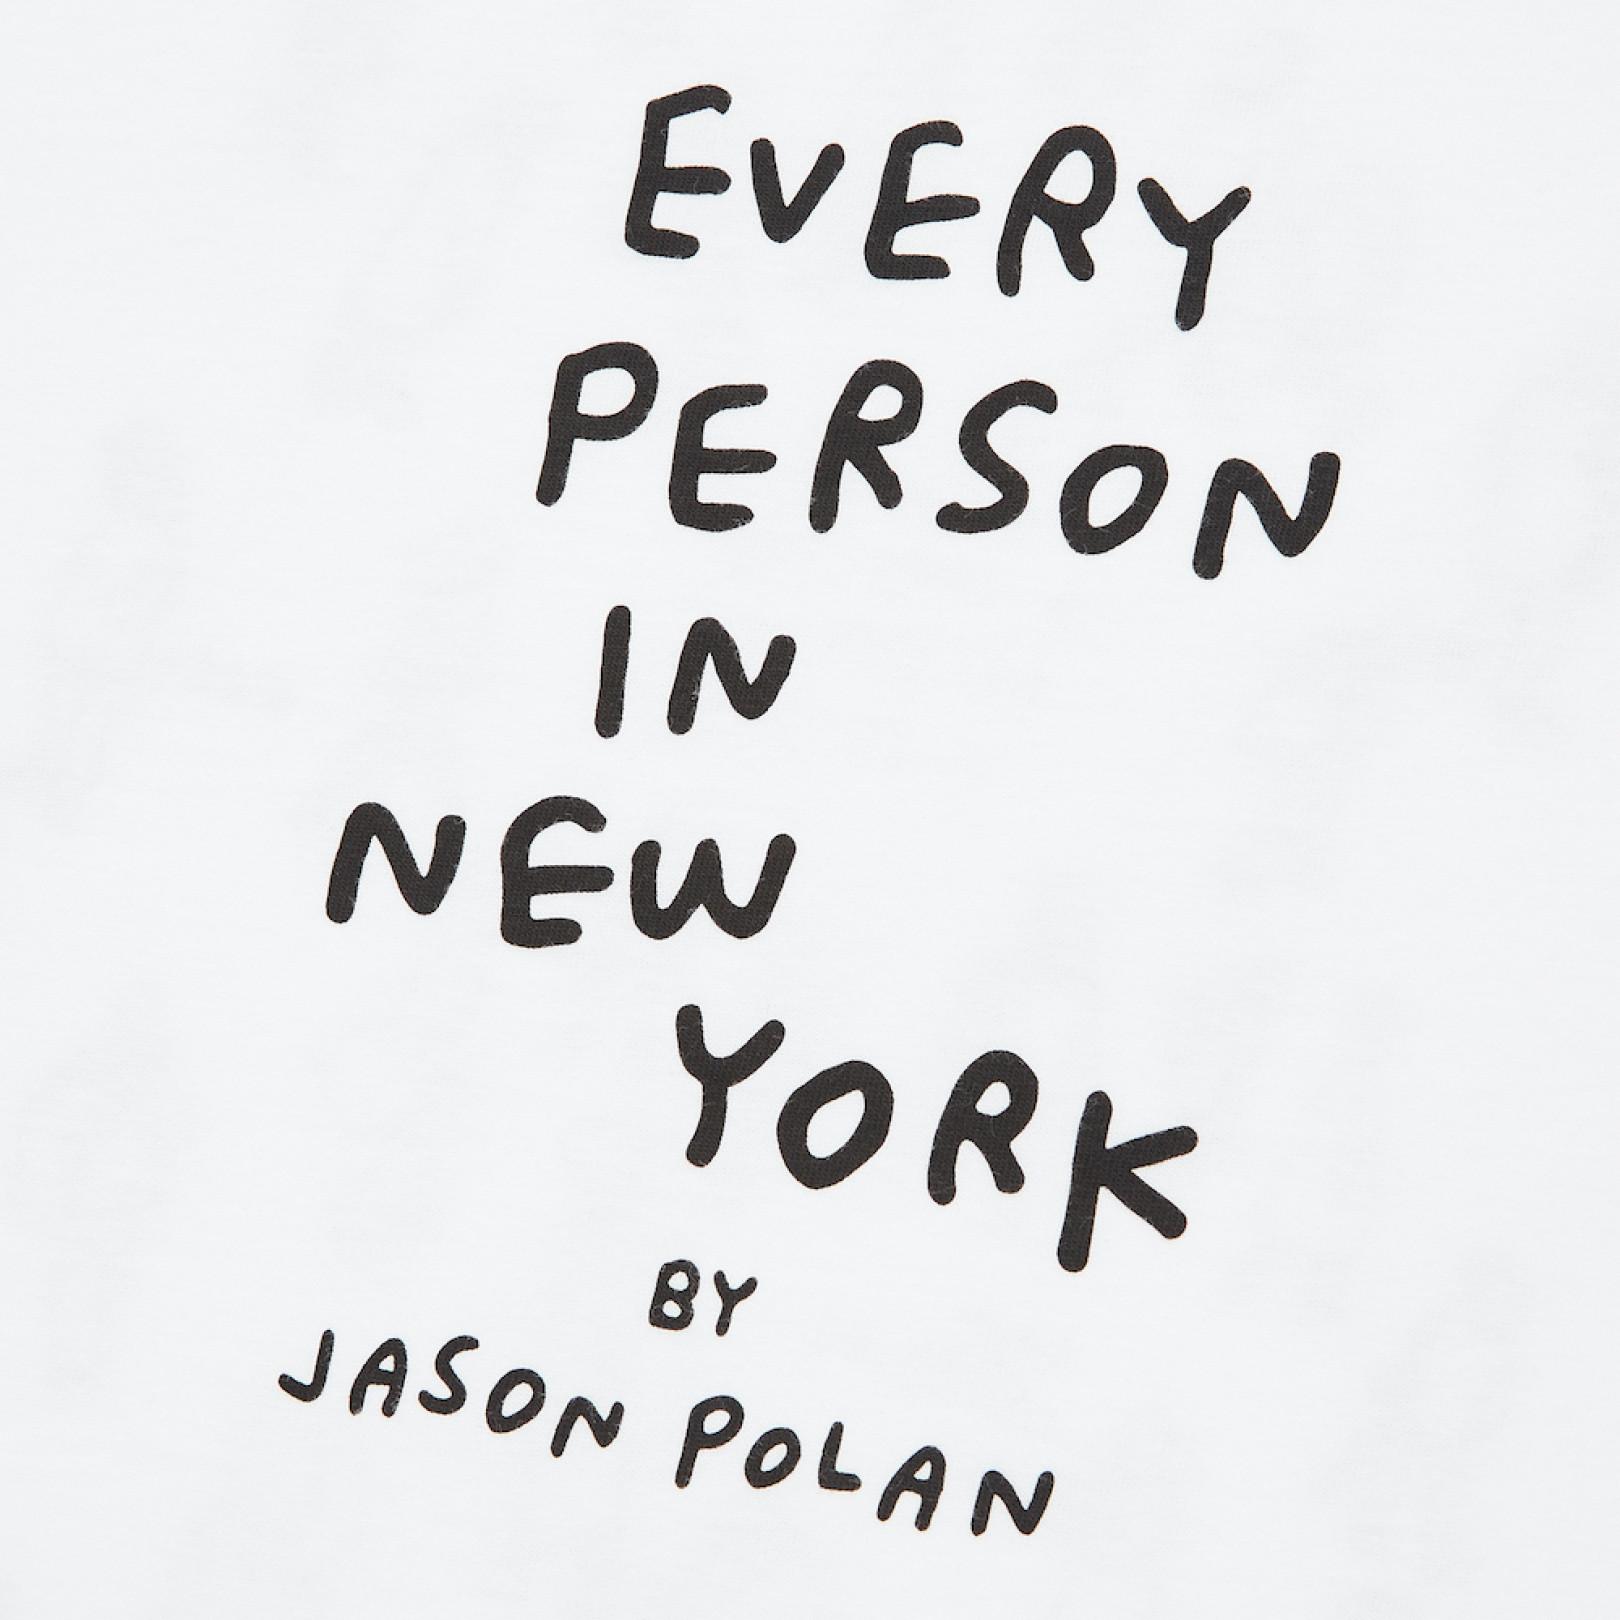 ポラン ジェイソン